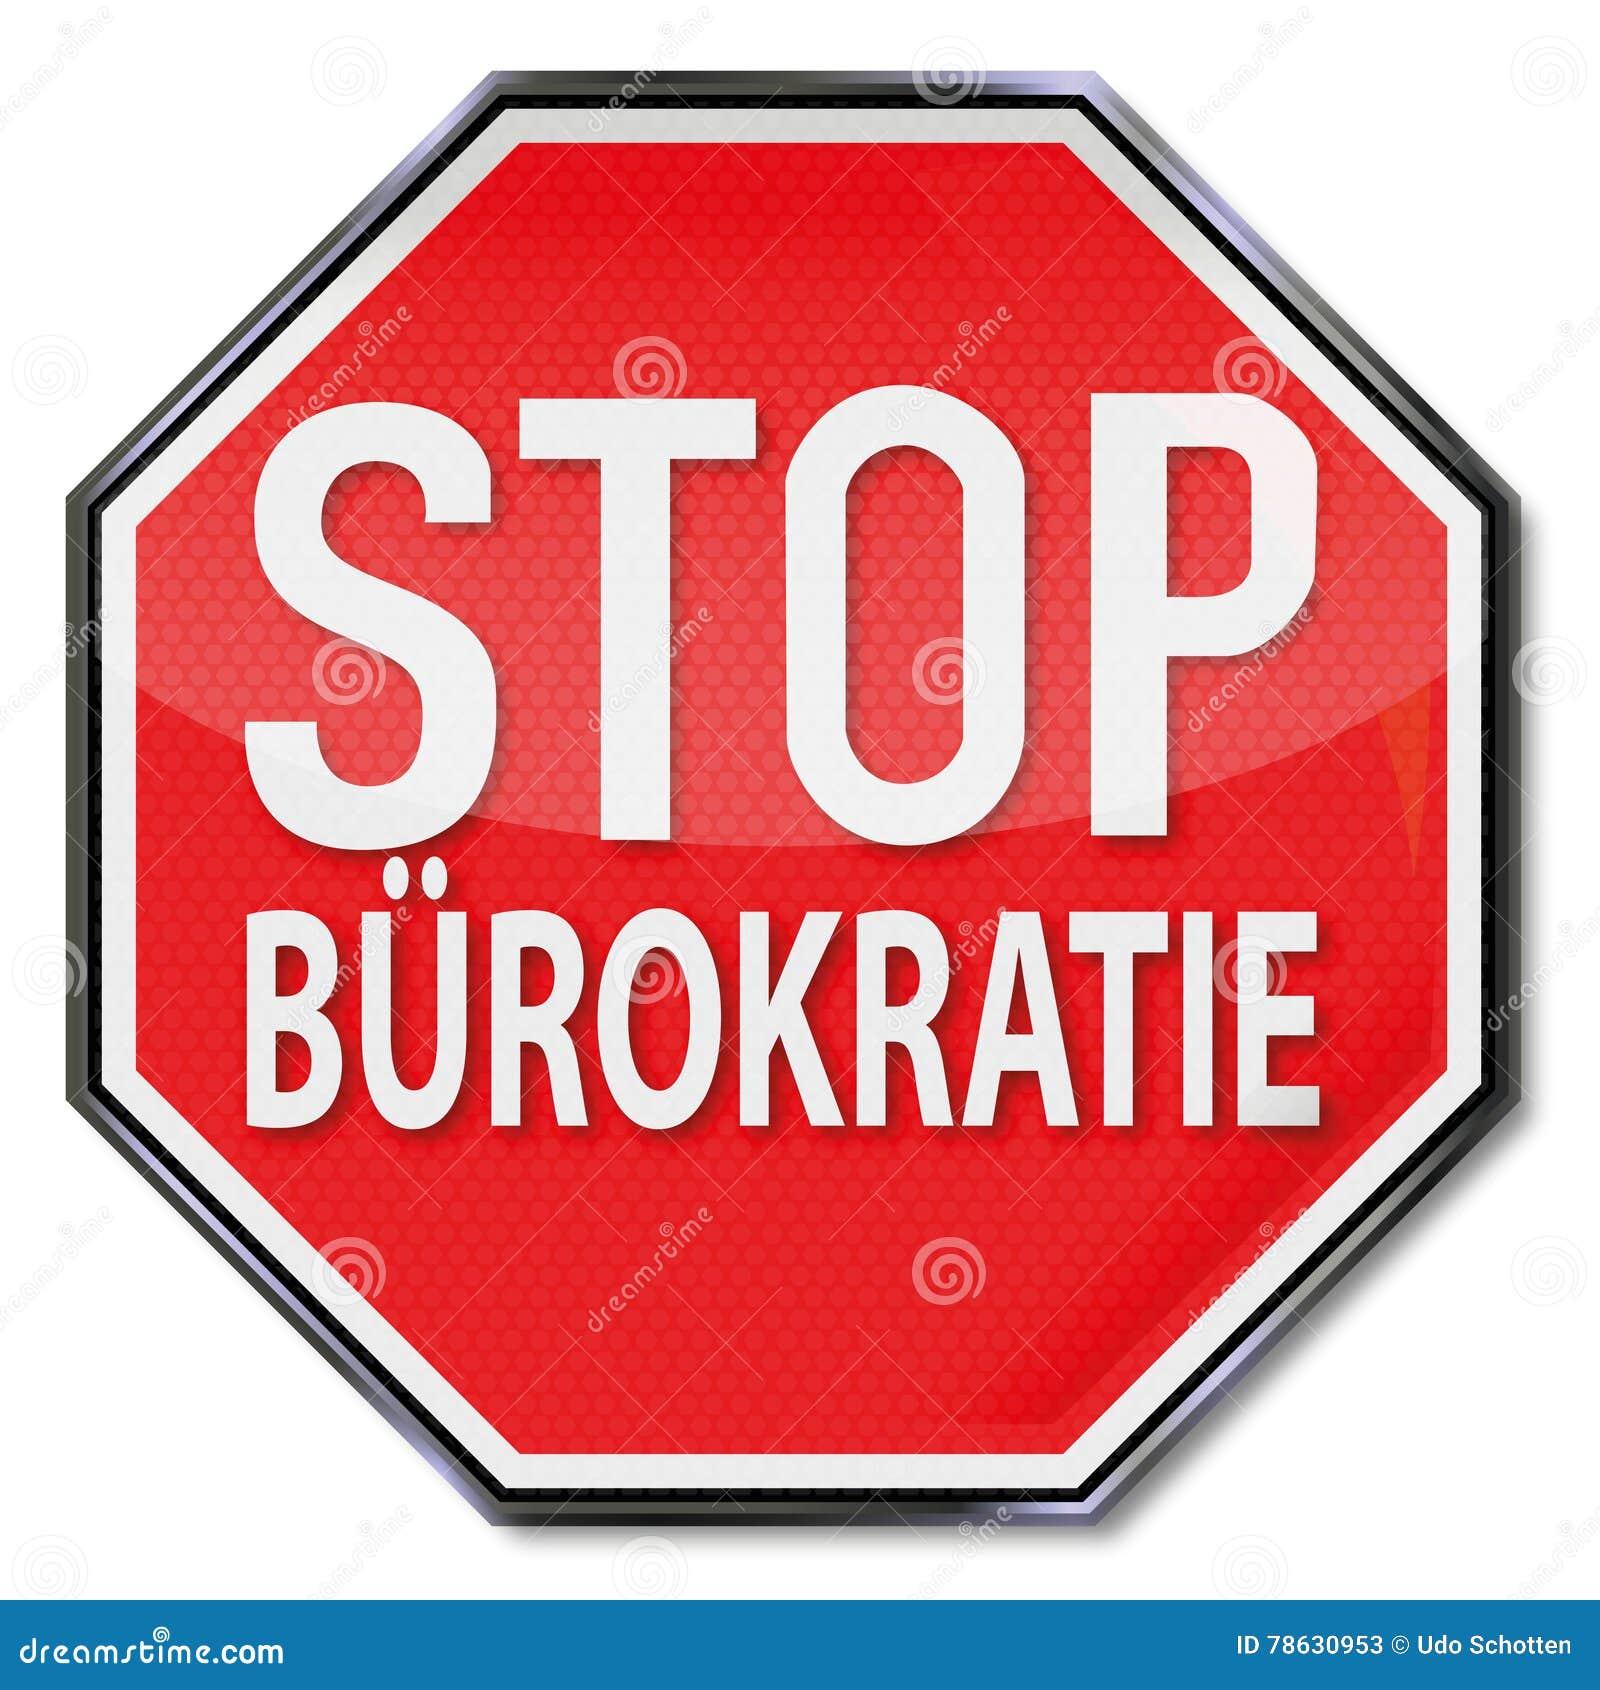 Stoppschild ohne Bürokratie